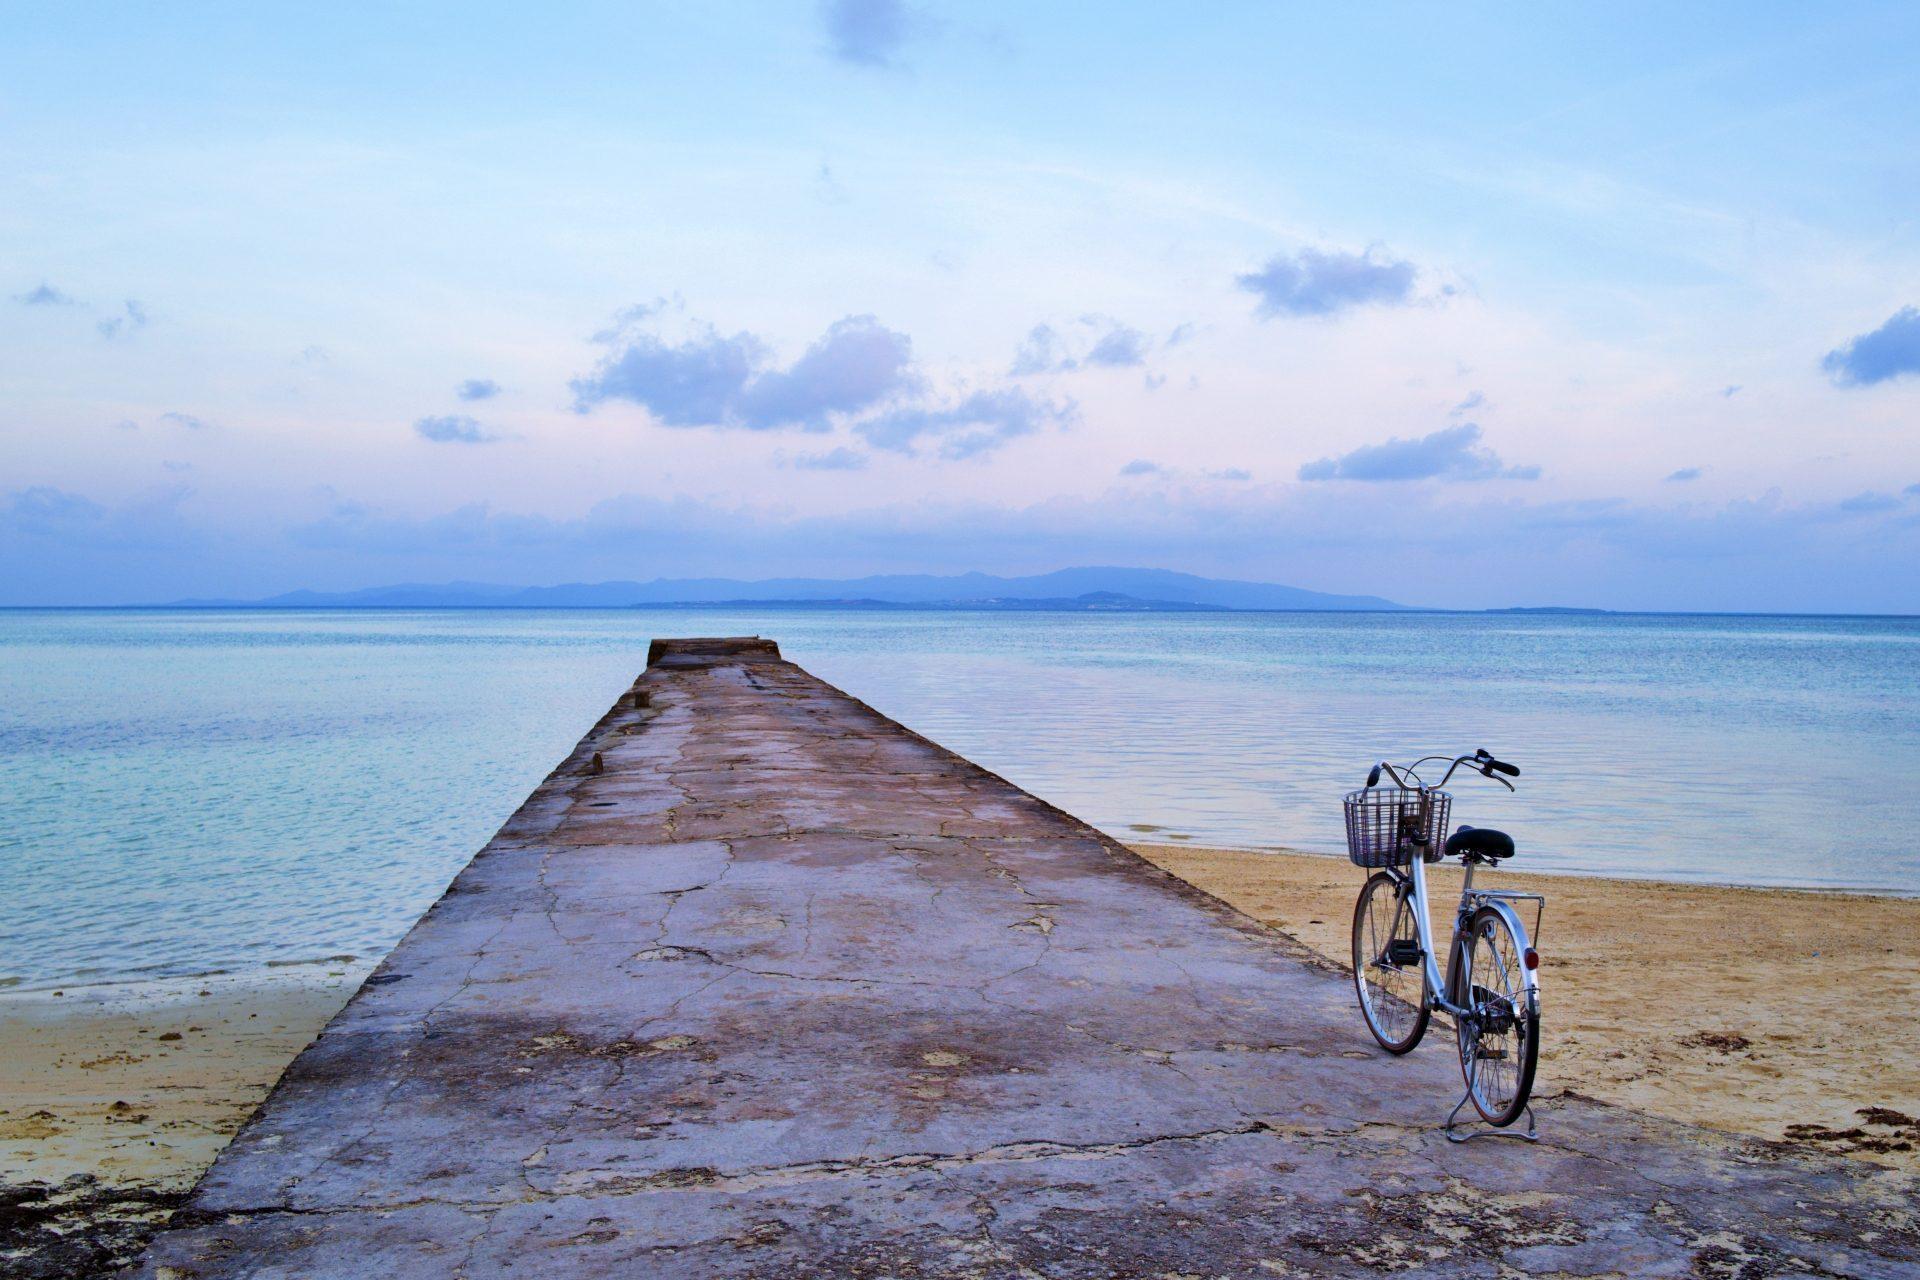 竹富島 沖縄 離島 おすすめ 旅行 観光